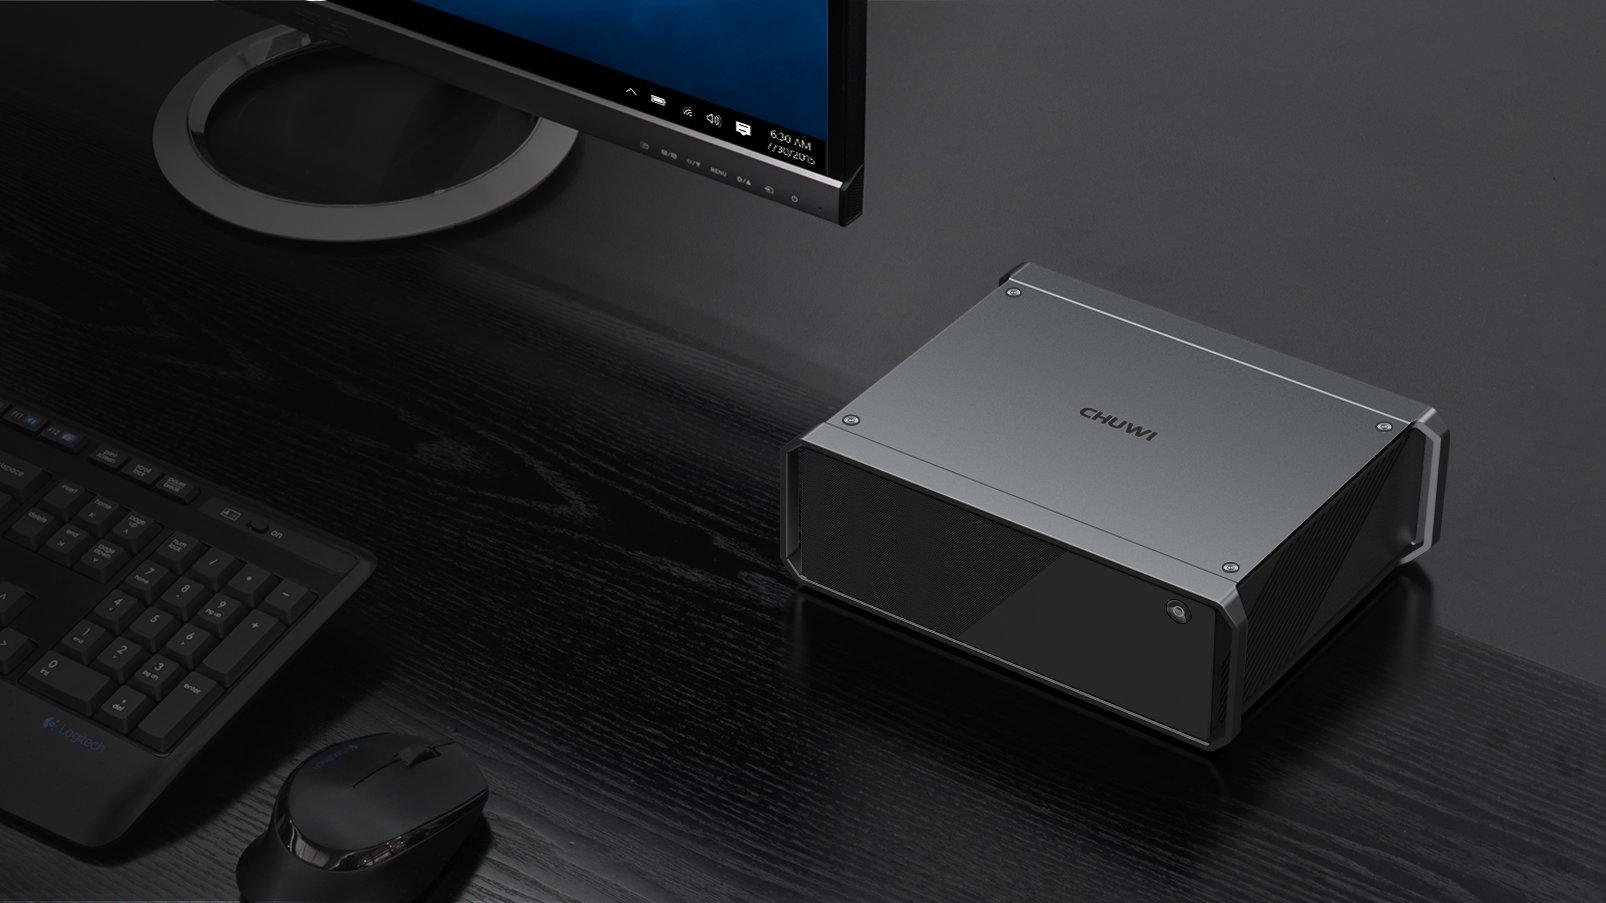 CoreBox i5 od CHUWI představen, nabízí malé tělo a skvělý výkon [sponzorovaný článek]